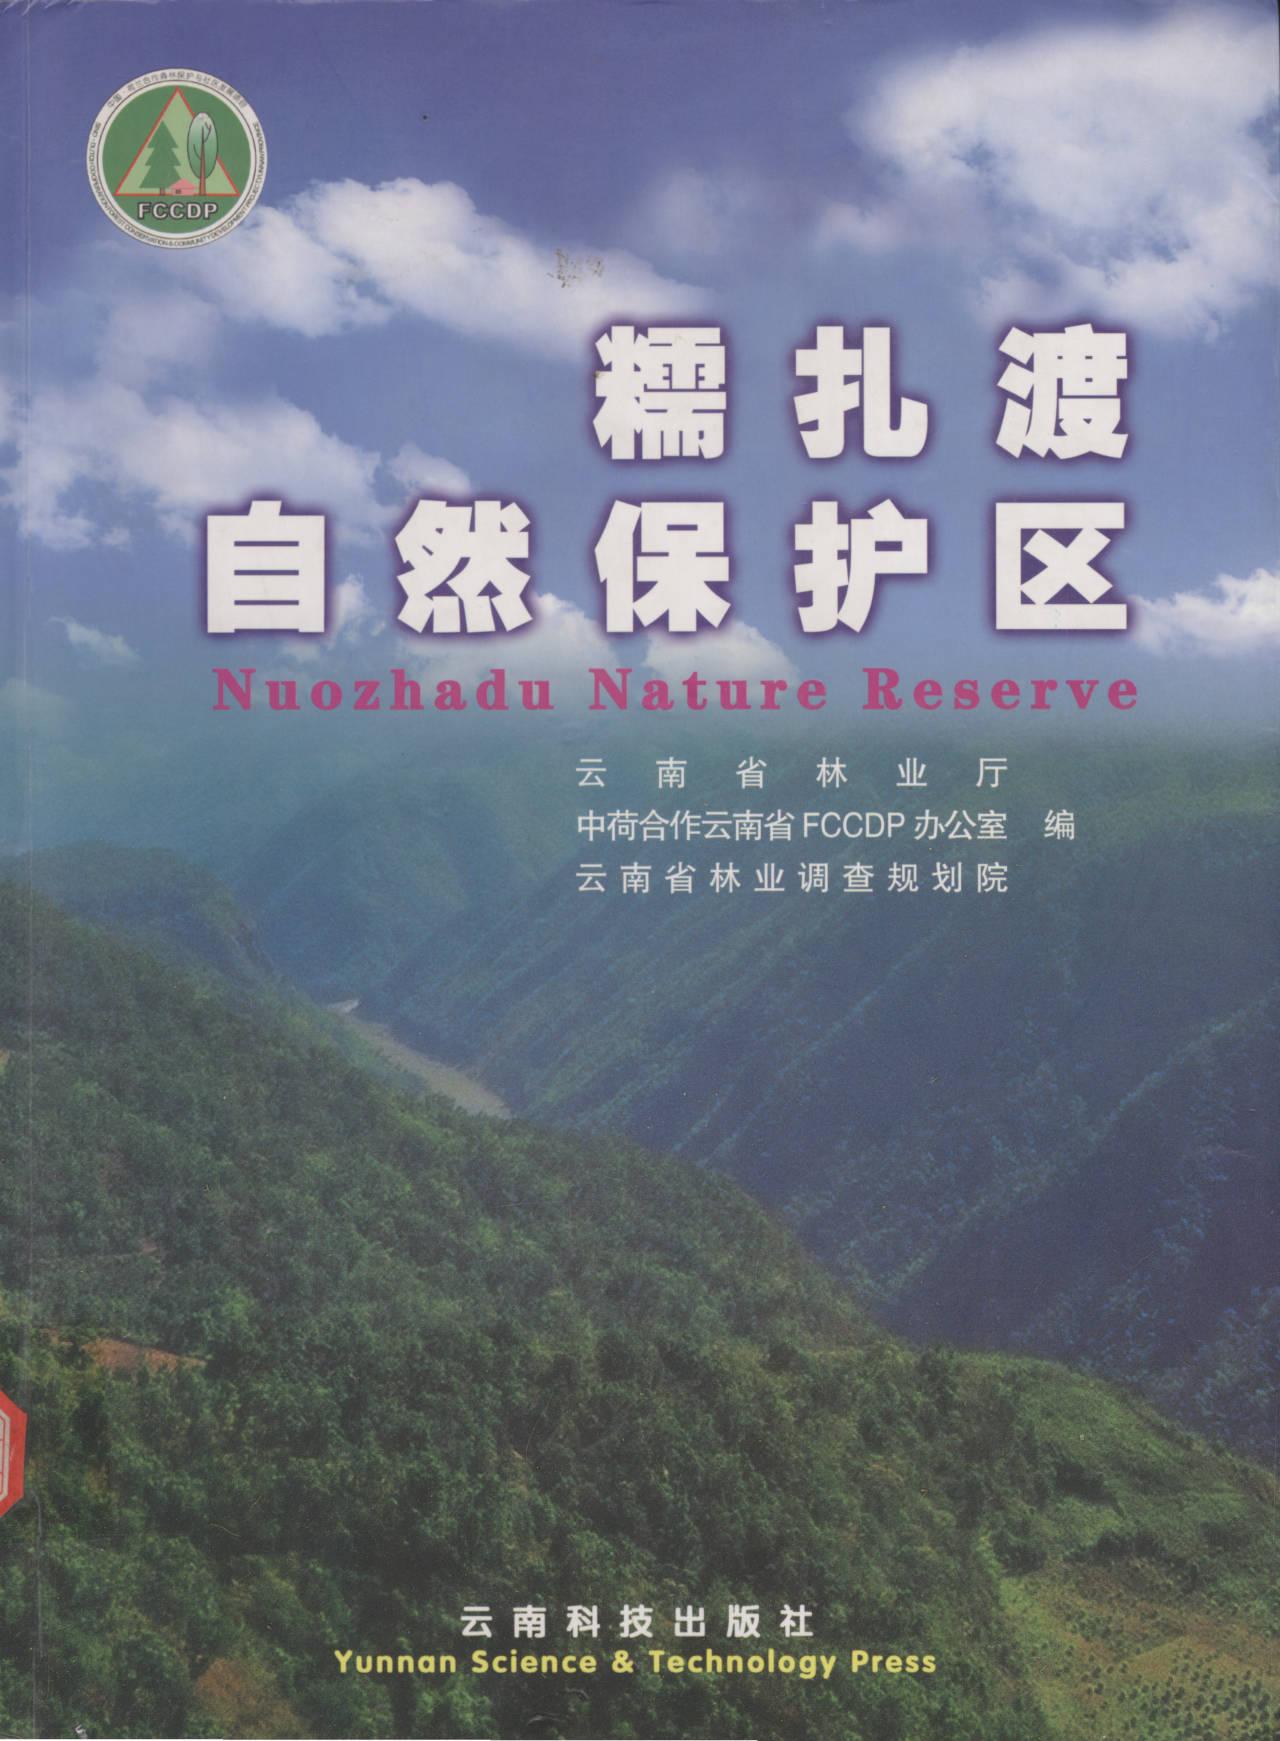 糯扎渡自然保护区 Nuozhadu Nature Reserve